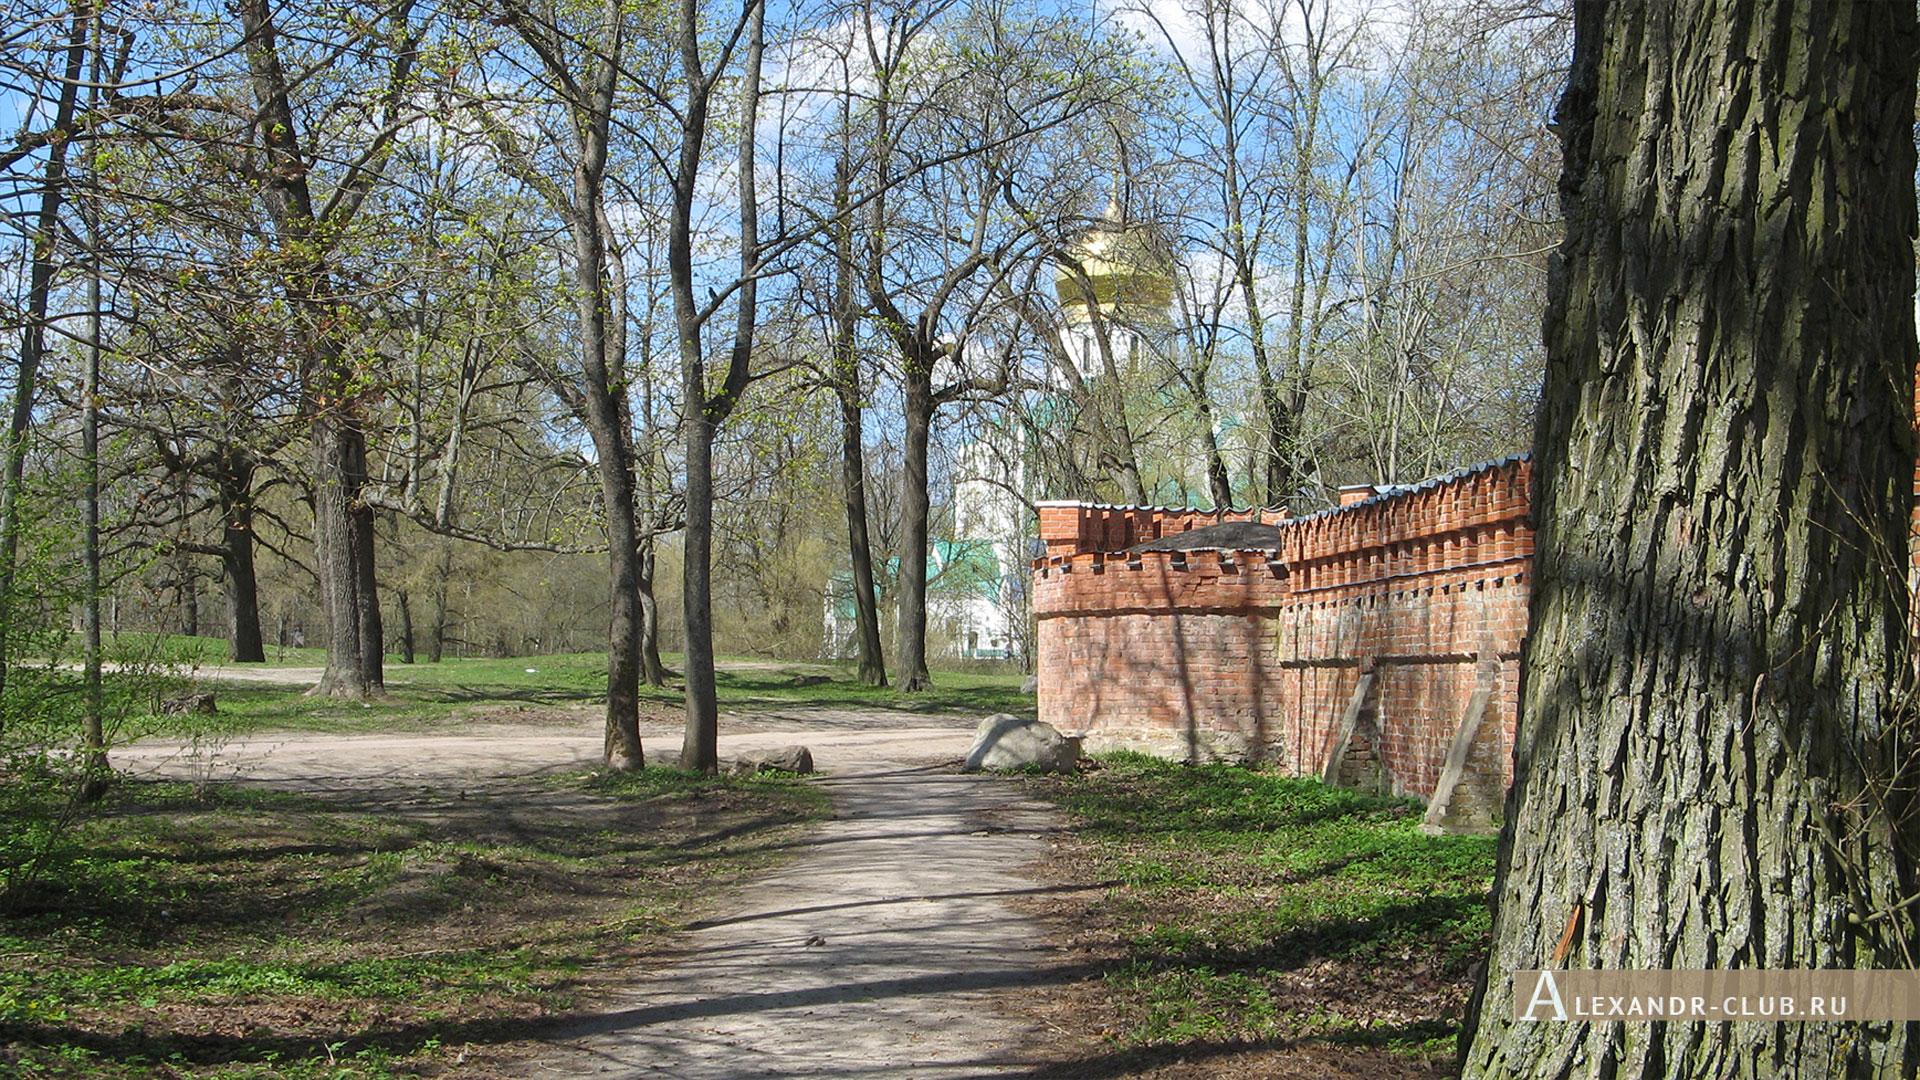 Царское Село, весна, Федоровский городок, Феодоровский собор